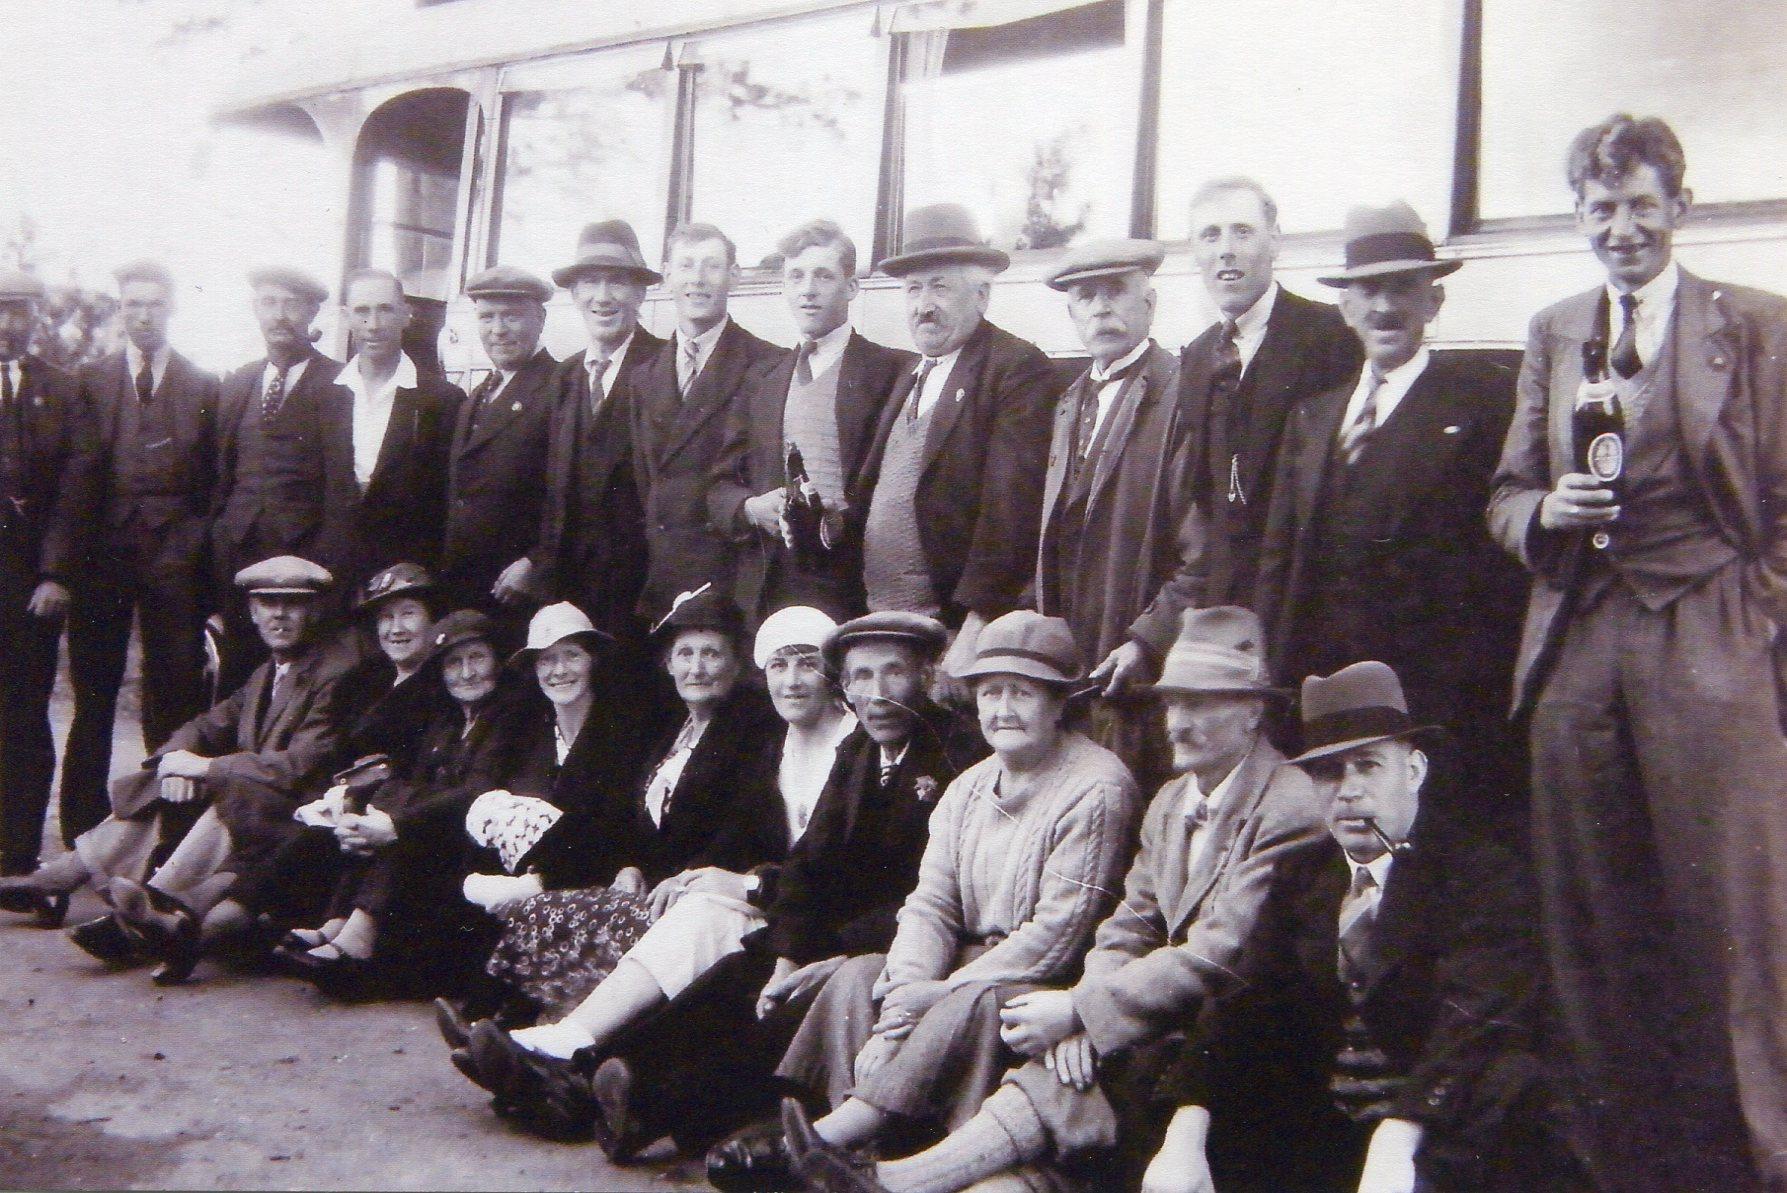 Railway Inn outing, 1940